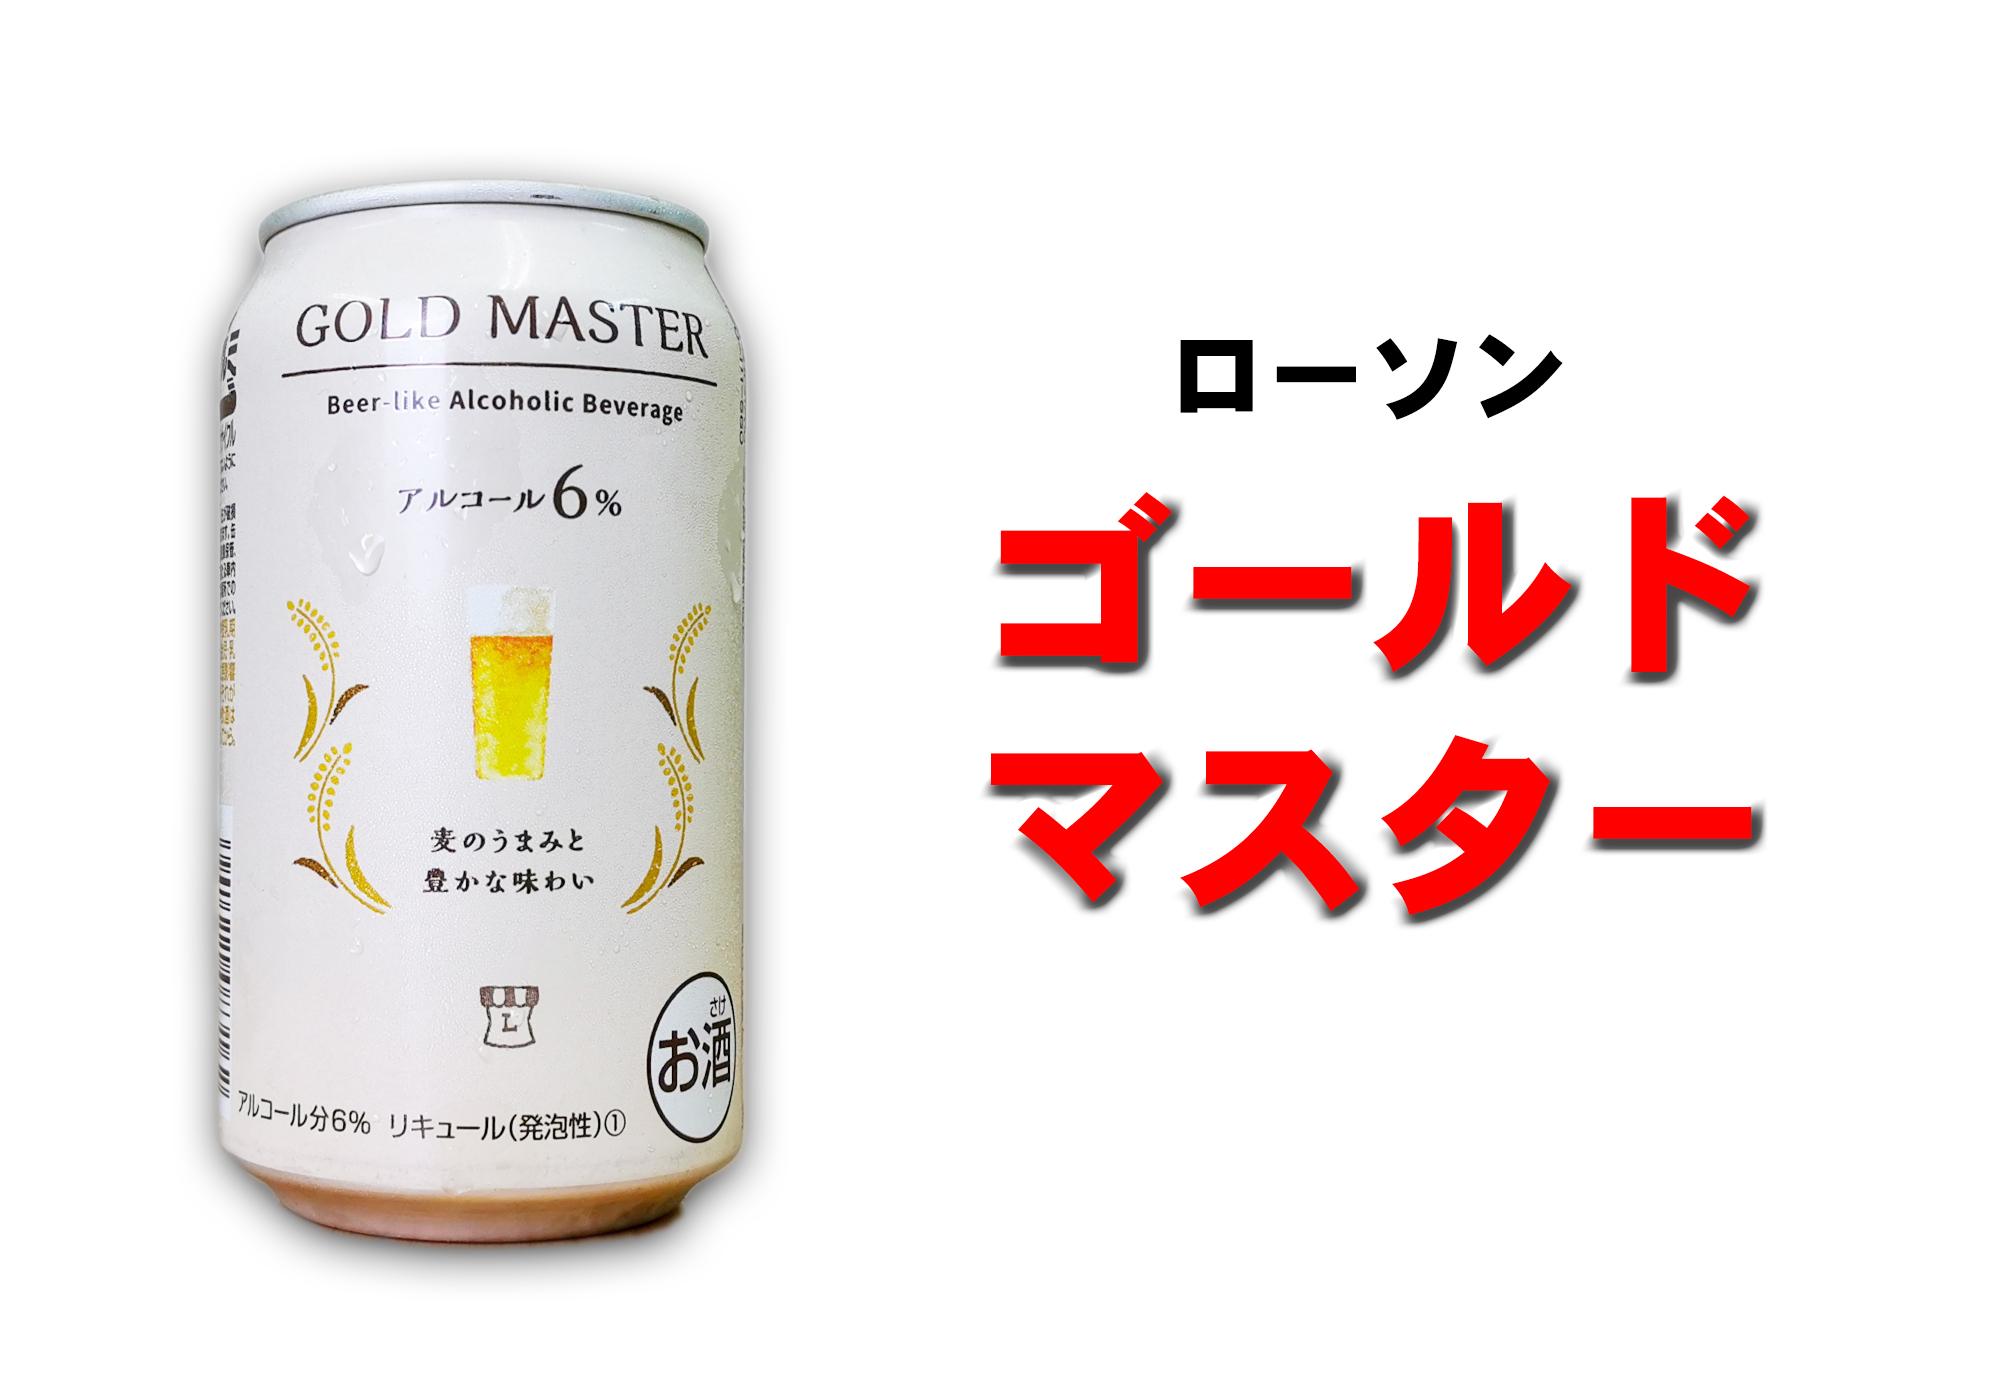 「ゴールドマスター」商品写真